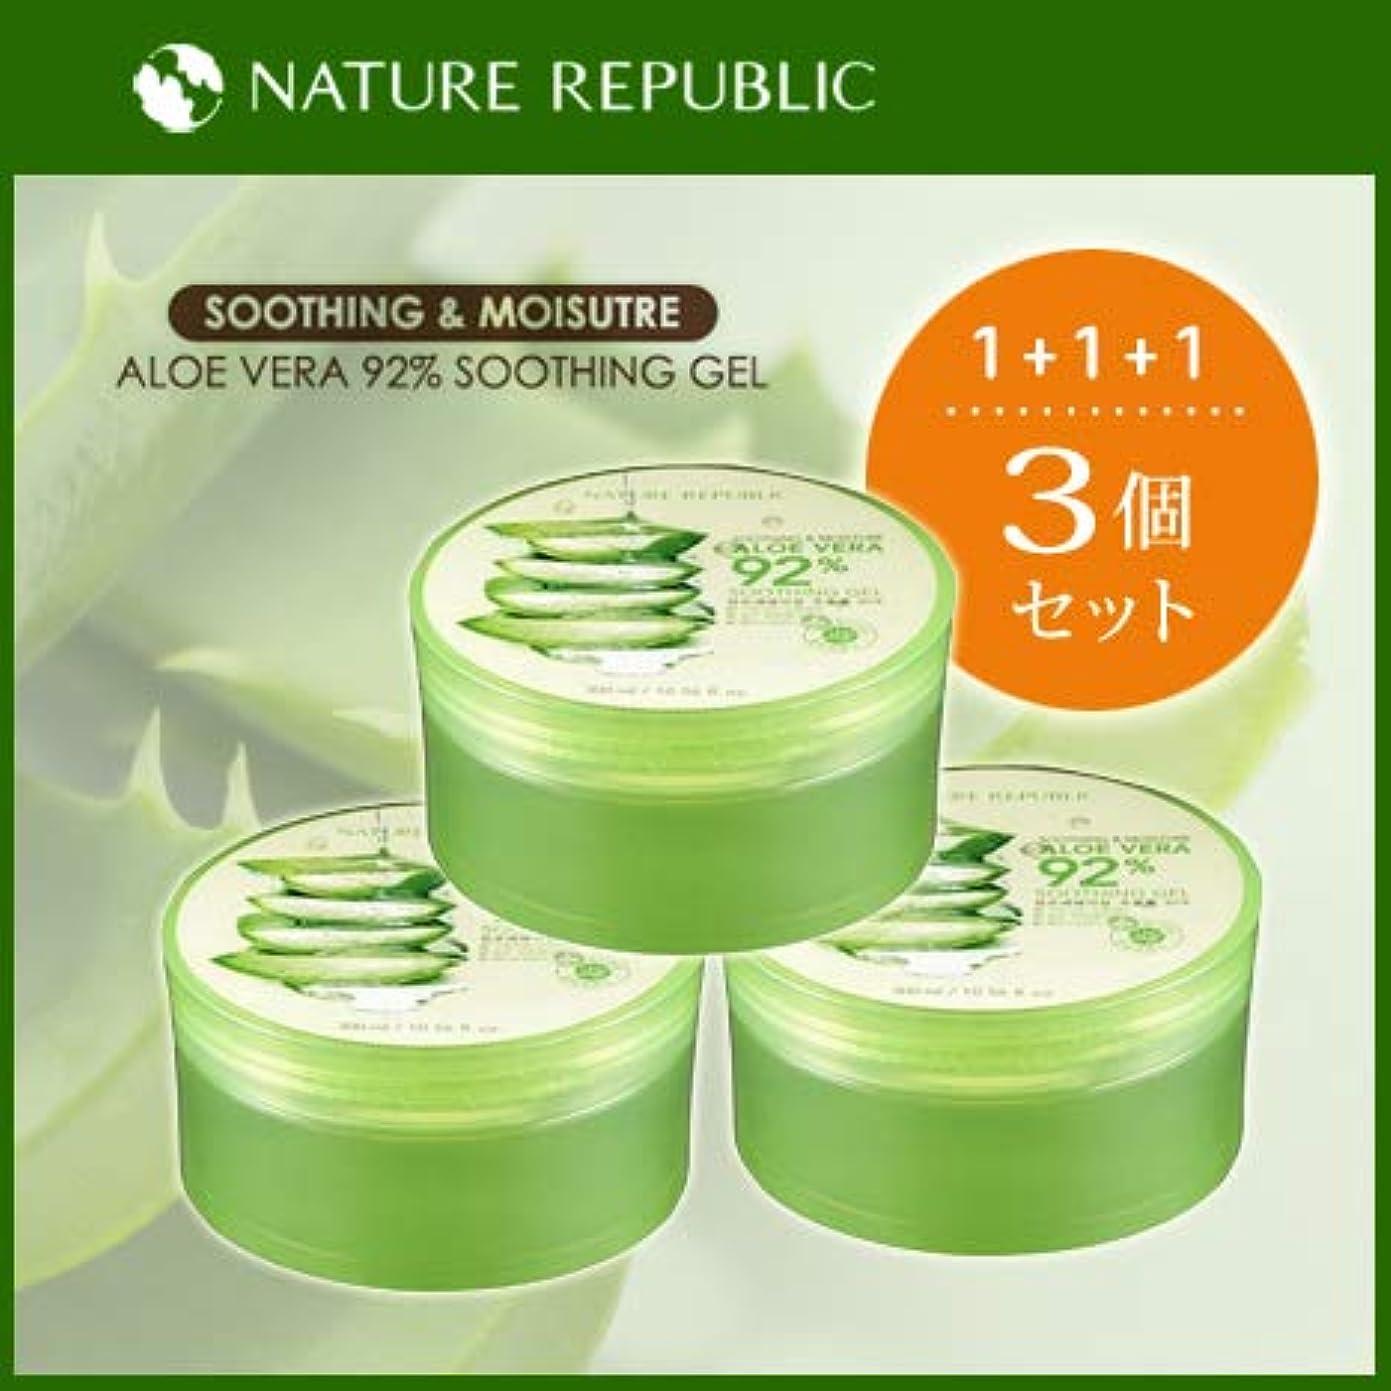 キノコ屋内石鹸NatureRepublicネイチャーリパブリックアロエベラ92%スージングジェル 日本語ラベル3個セット